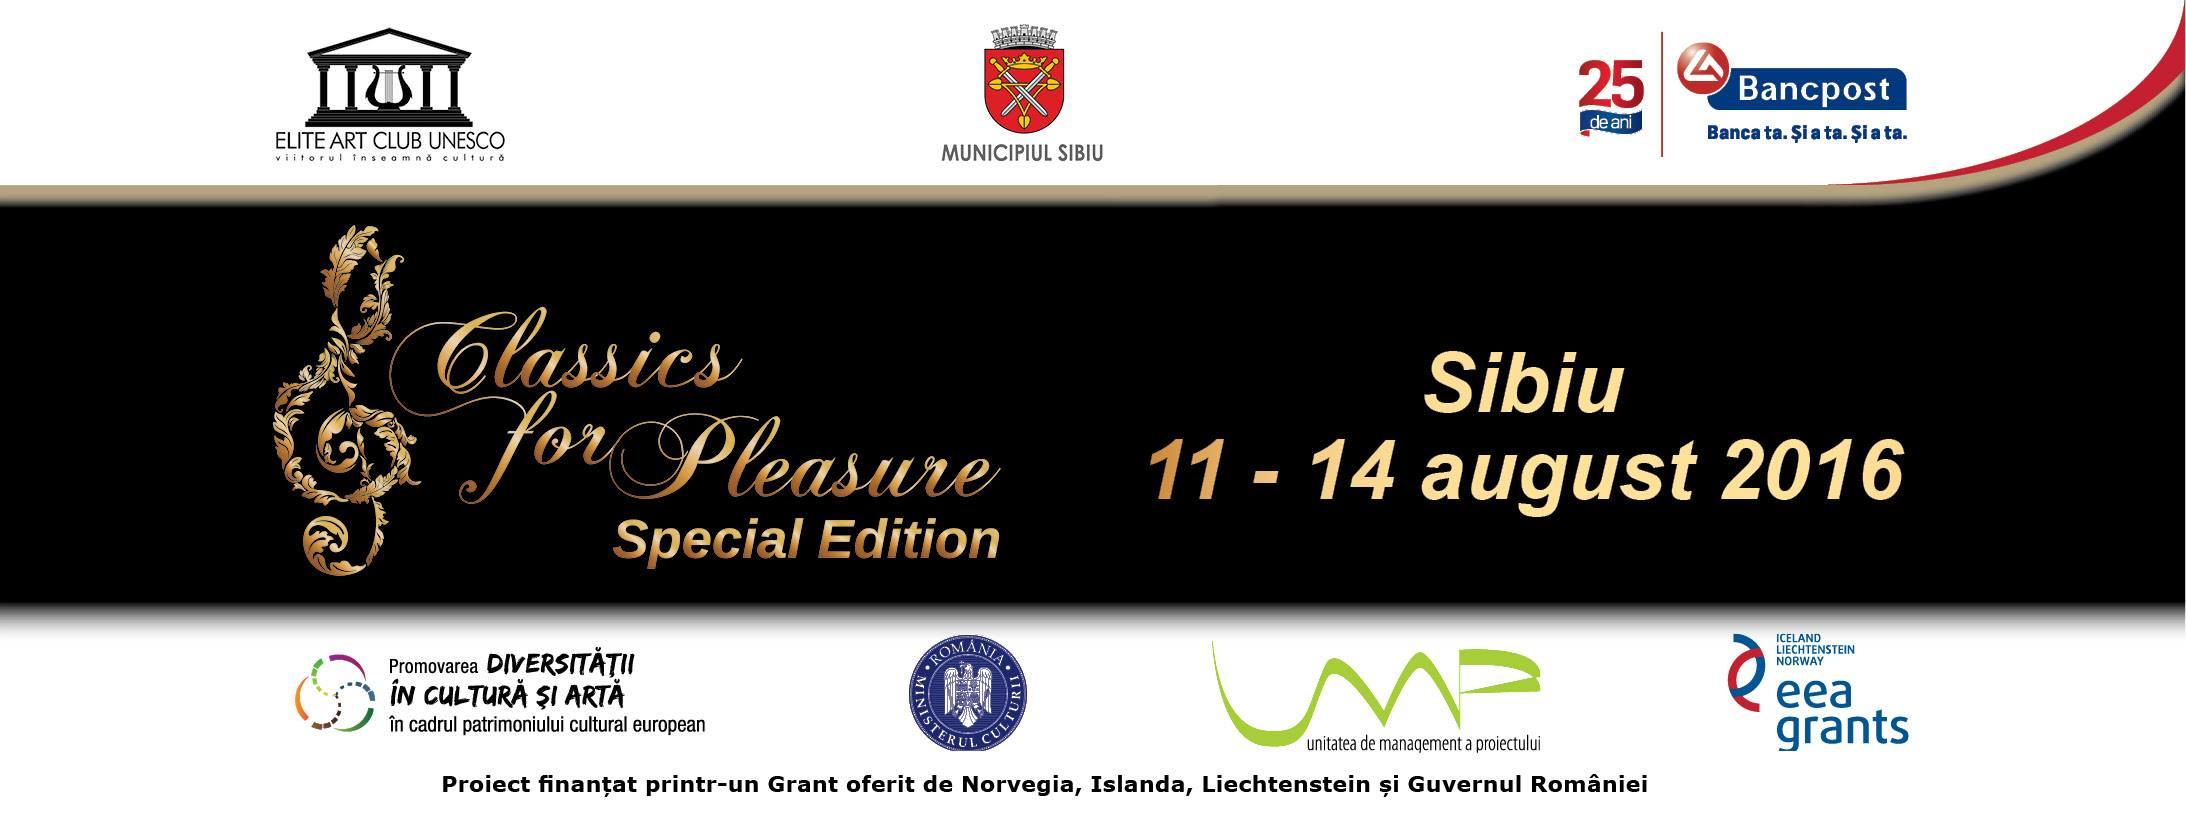 Classics for Pleasure: Special Edition